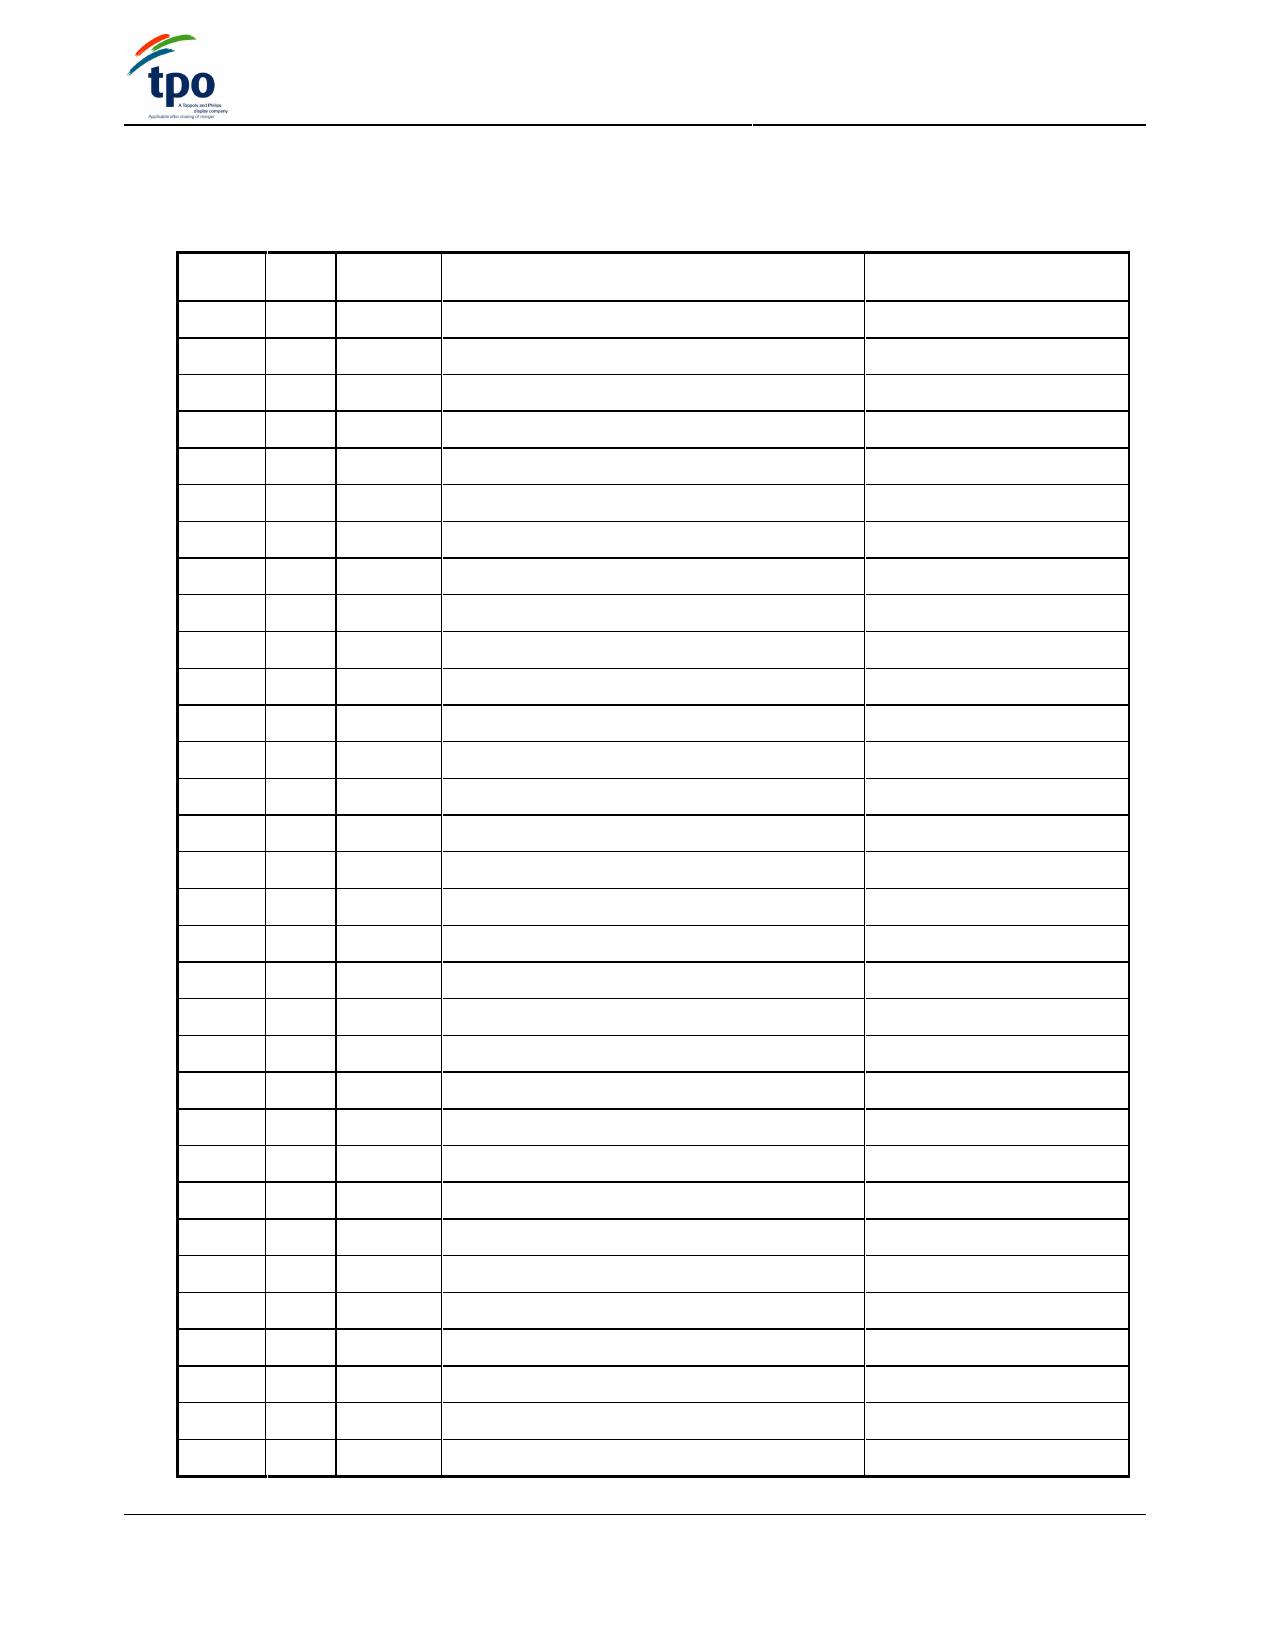 TD0028TTEE1 pdf